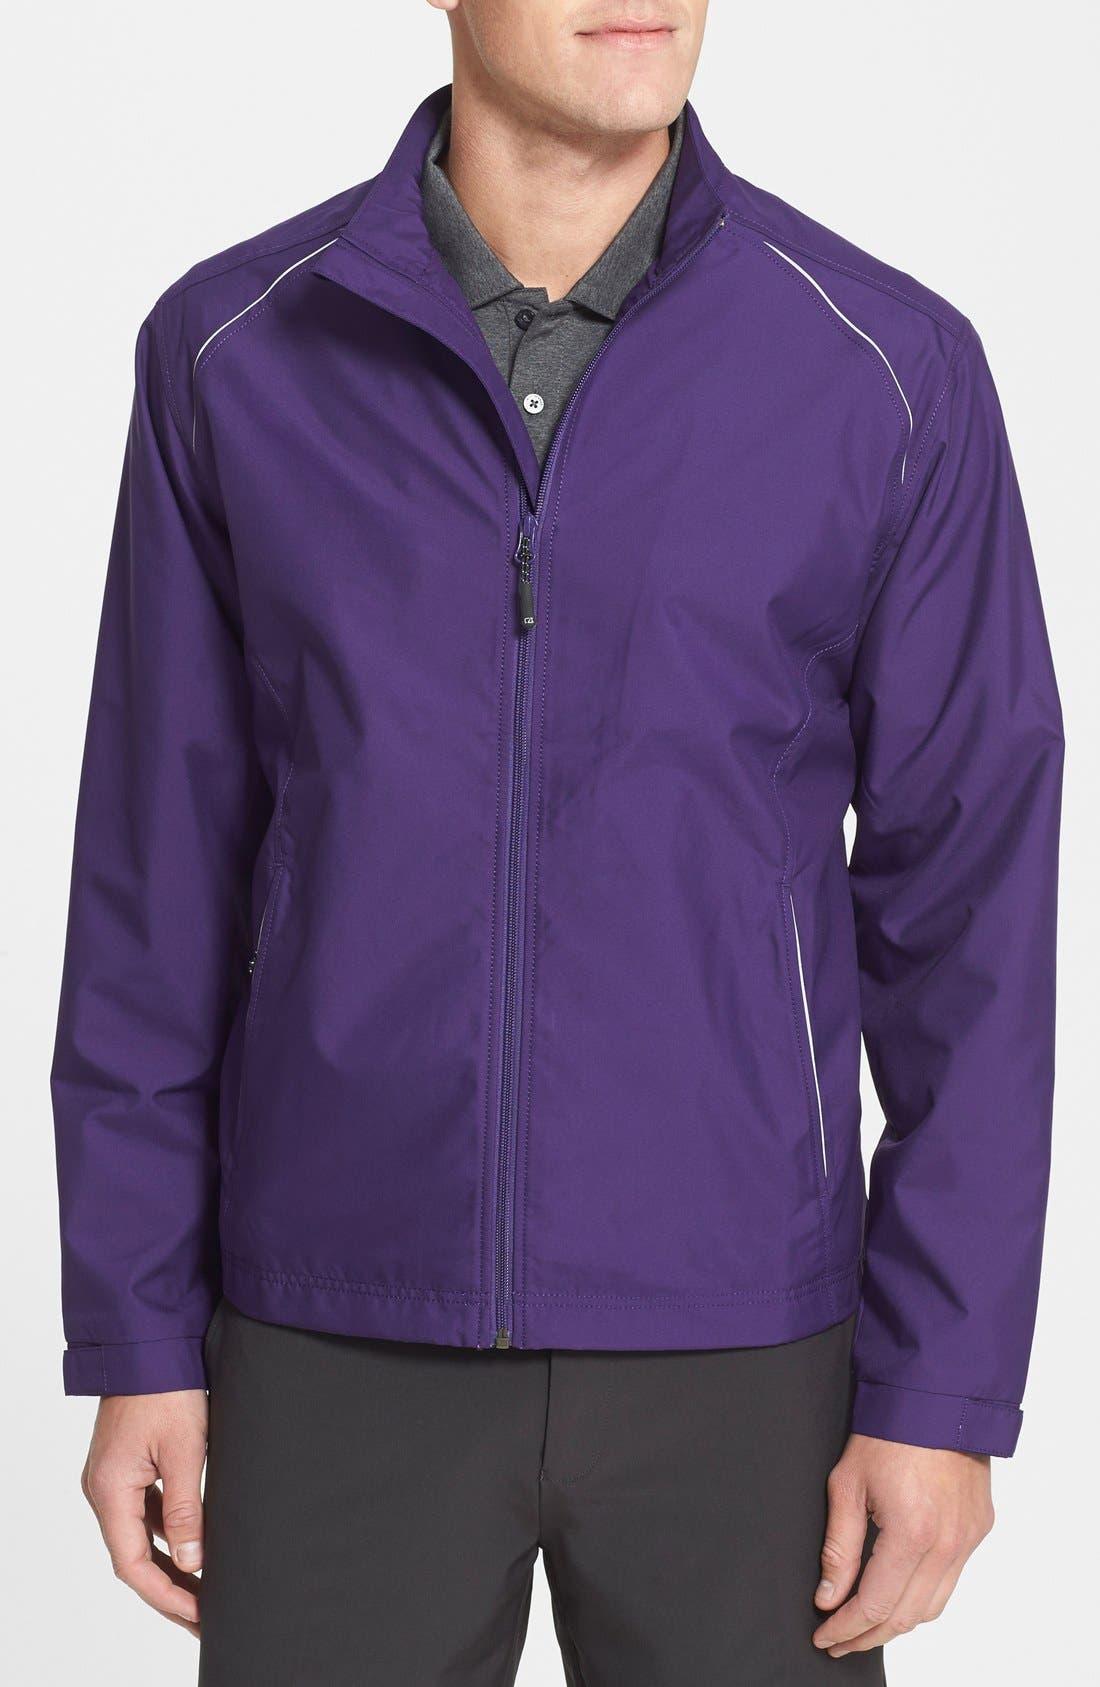 Cutter & Buck WeatherTec Beacon Water Resistant Jacket